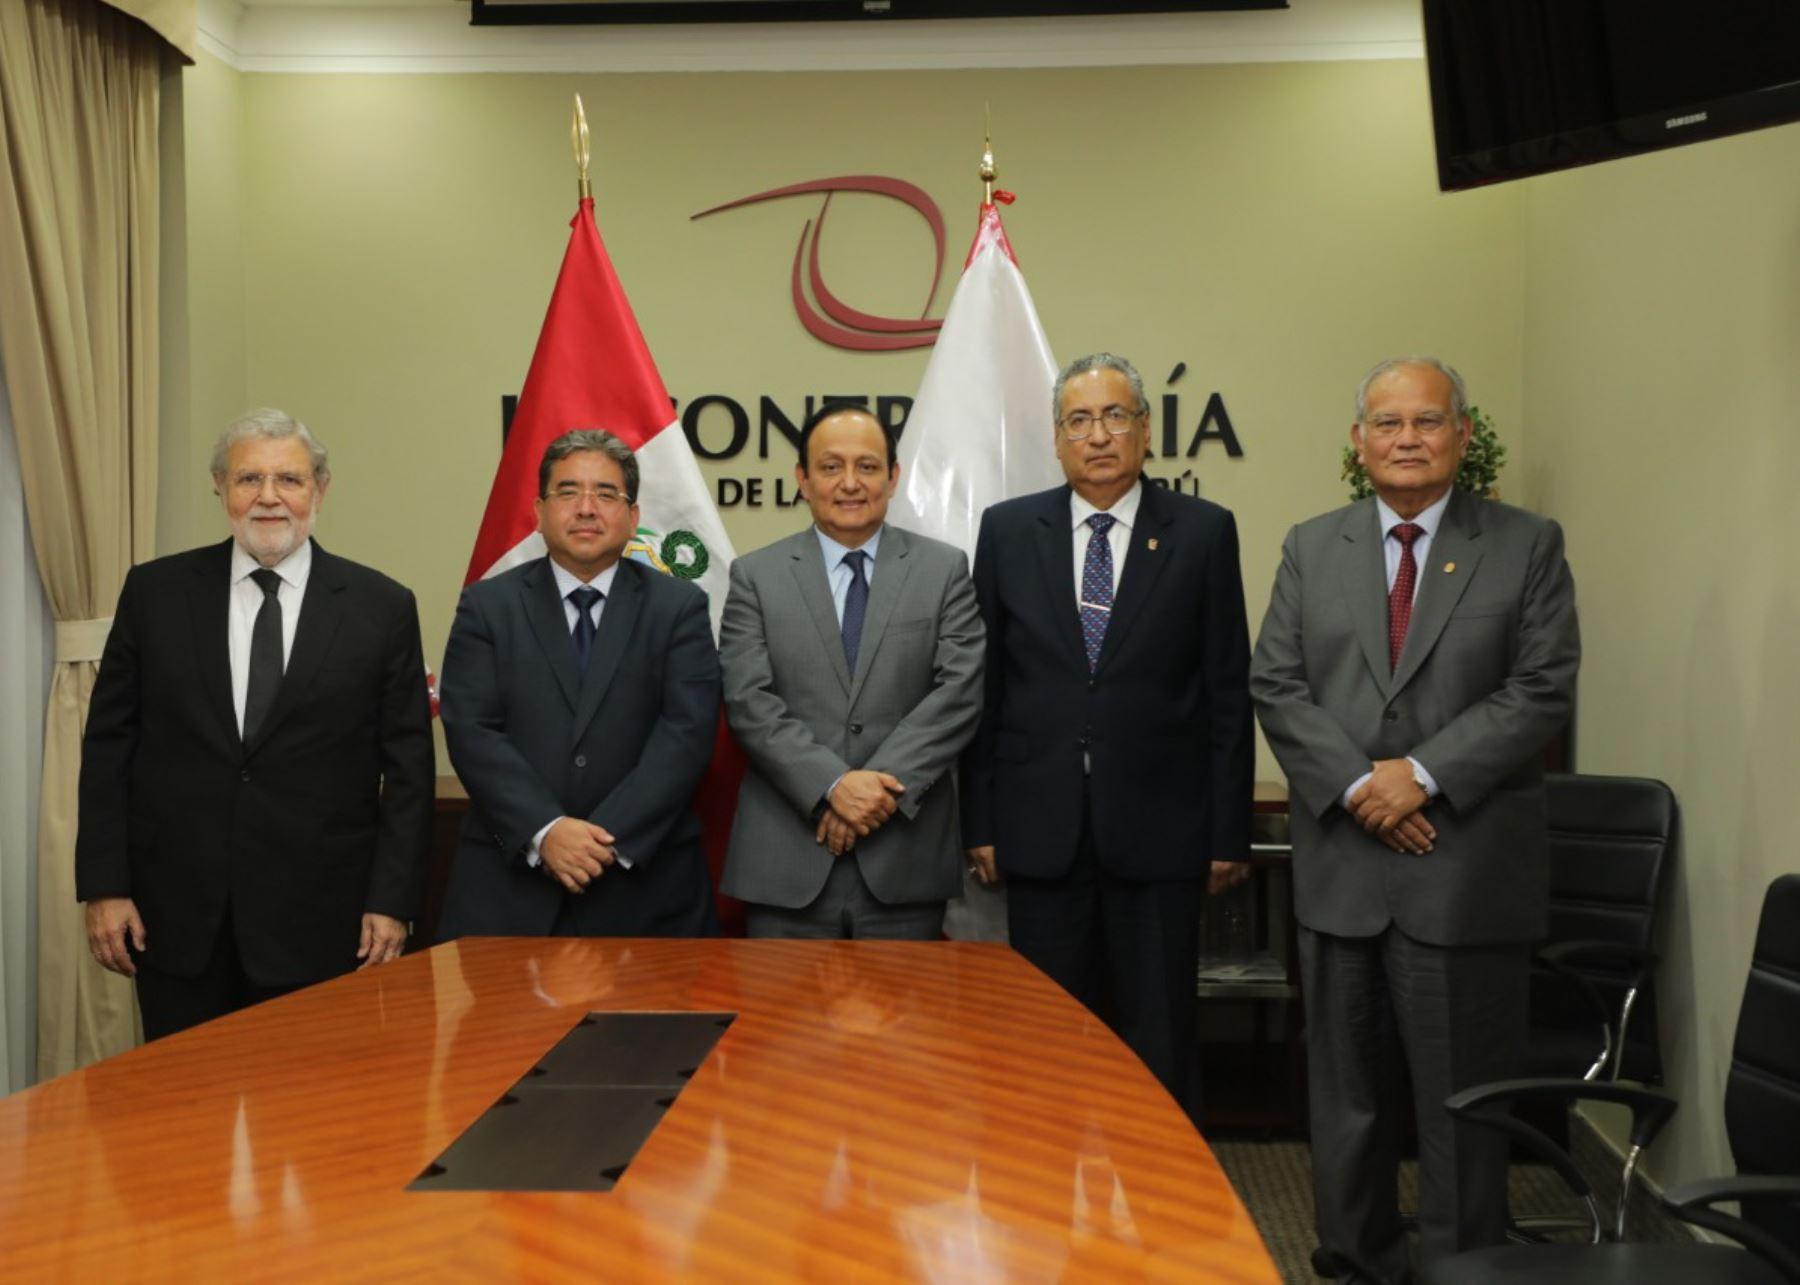 Comisión Especial de la Junta Nacional de Justicia (JNJ) aprueba su reglamento